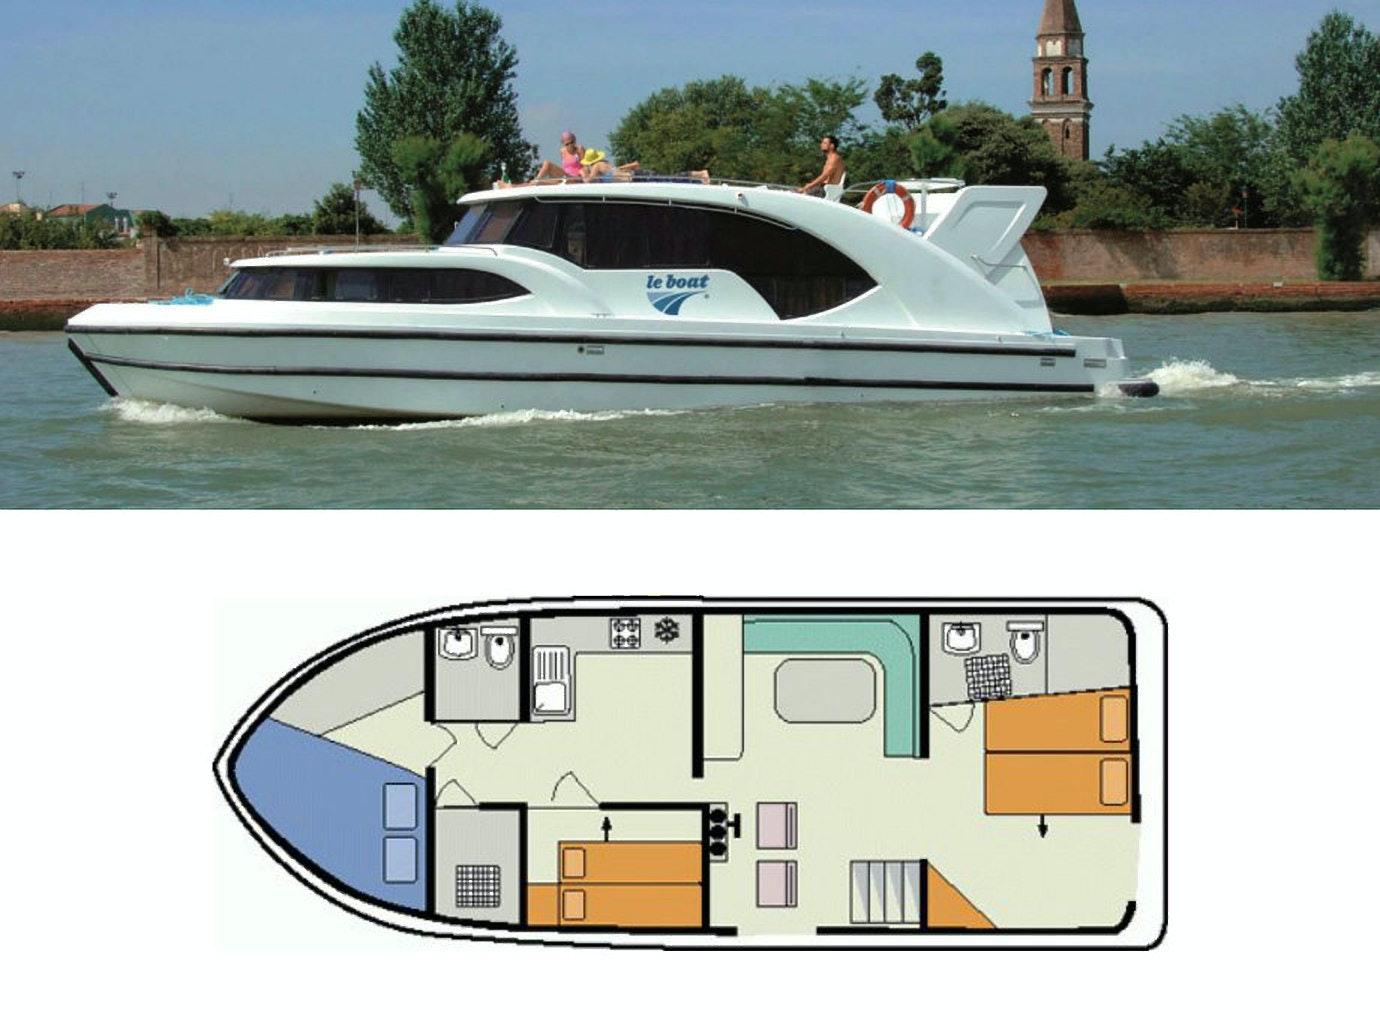 plattegrond en foto Minuetto 6+ Le Boat